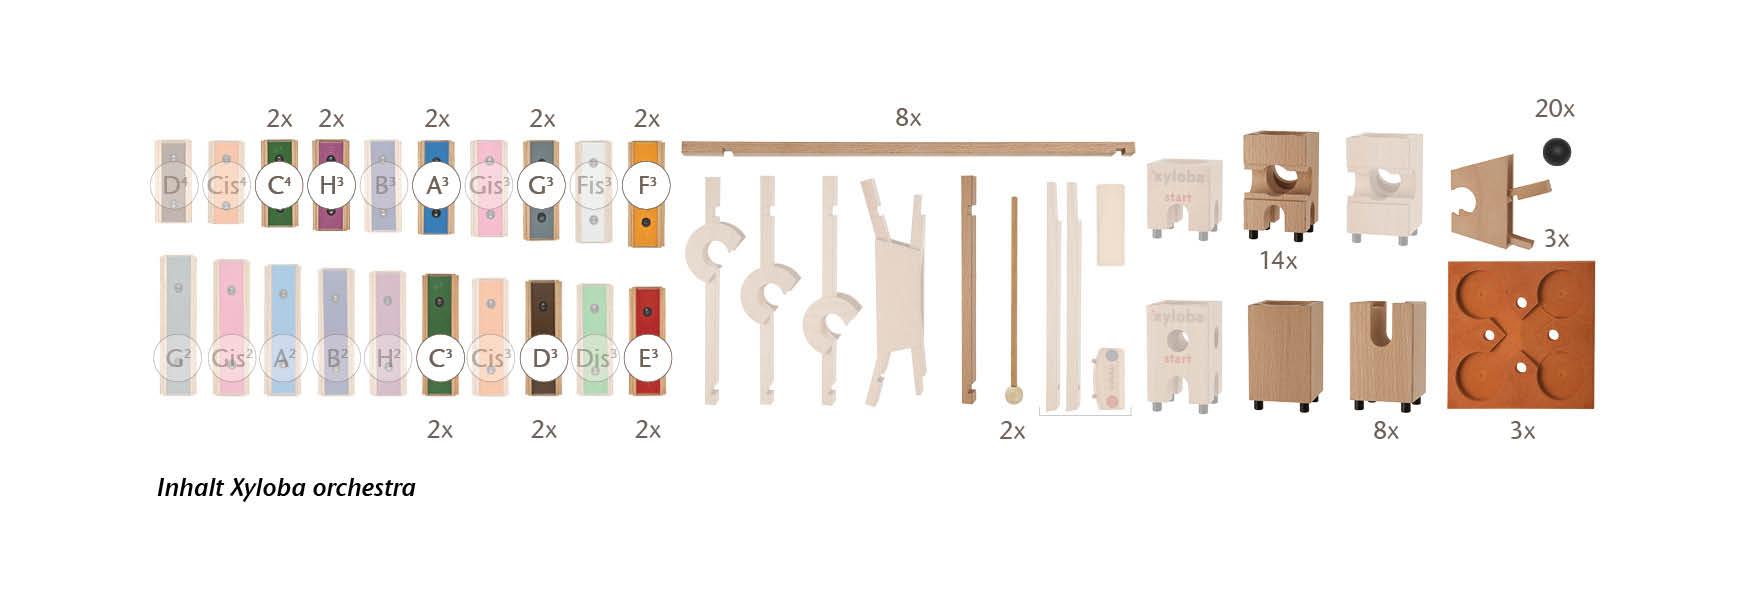 Xyloba orchestra Art. 22013, enthält 96 Bauelemente, davon 16 Klangplatten, ab 5 Jahren